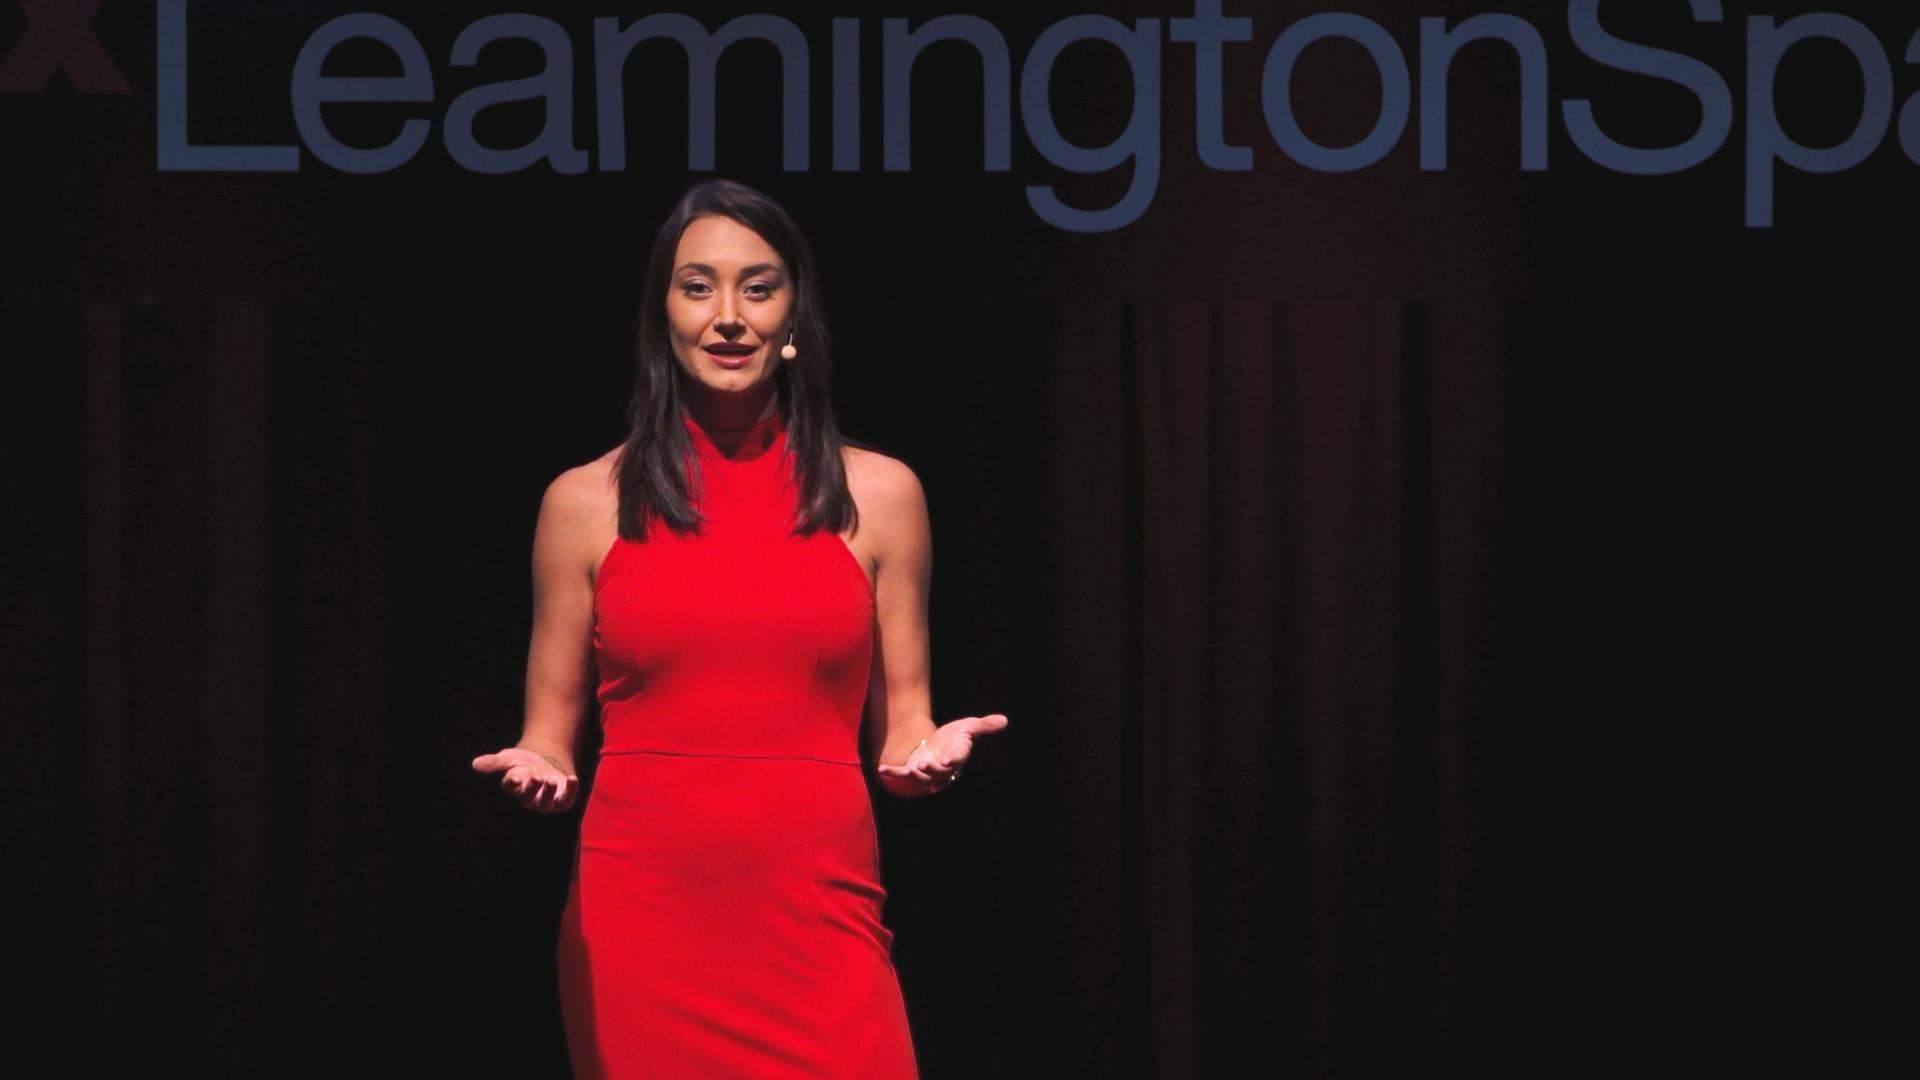 TEDx-Promo-2018-image-4